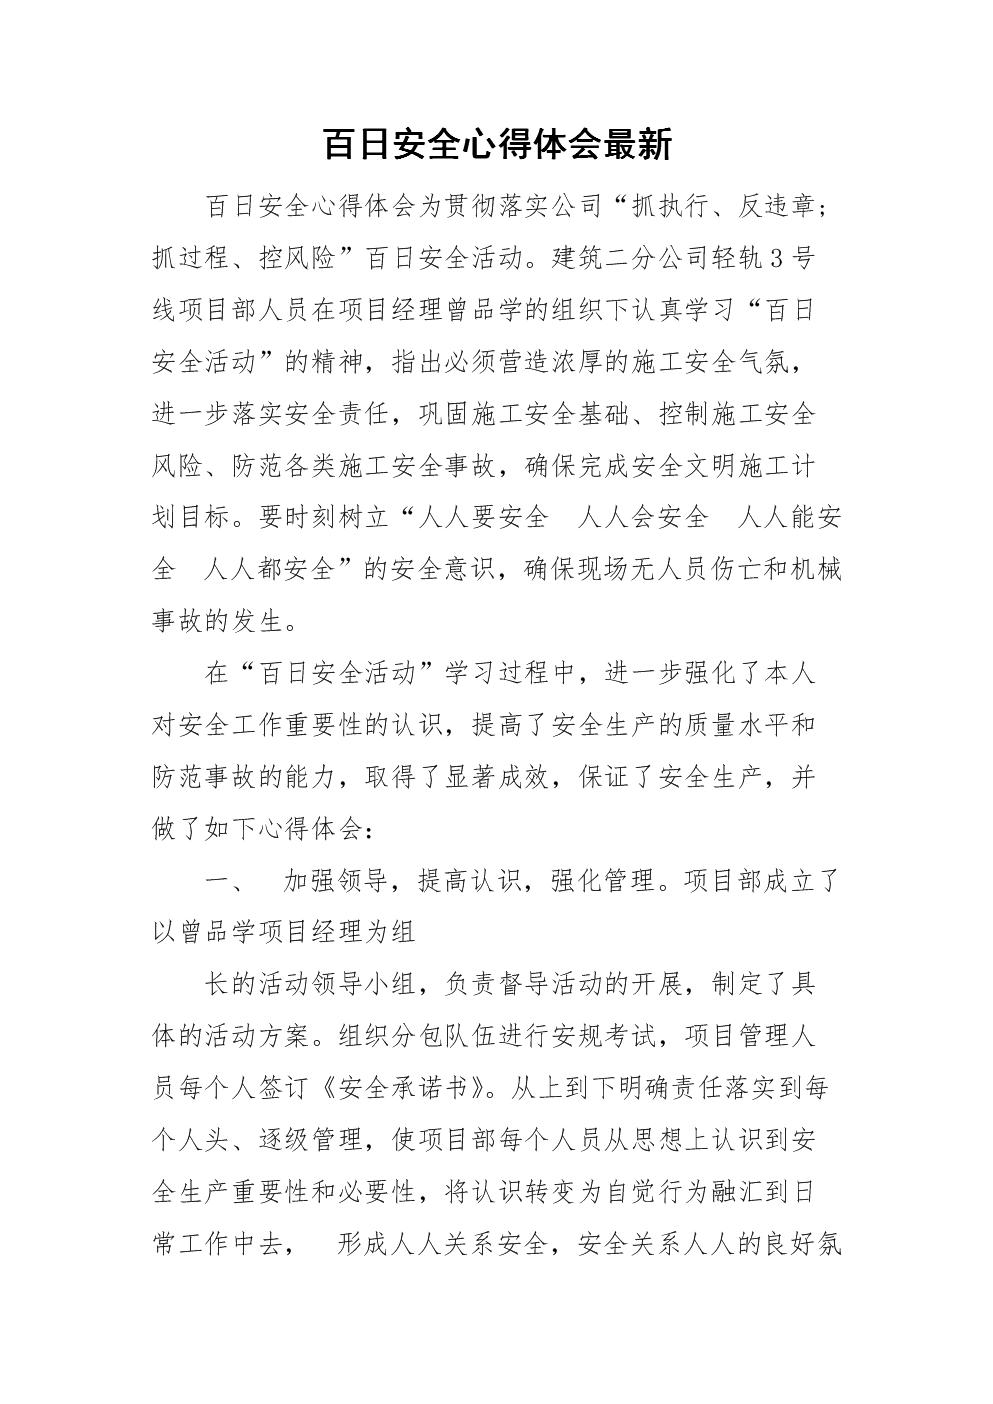 百日安全心得体会最新.doc